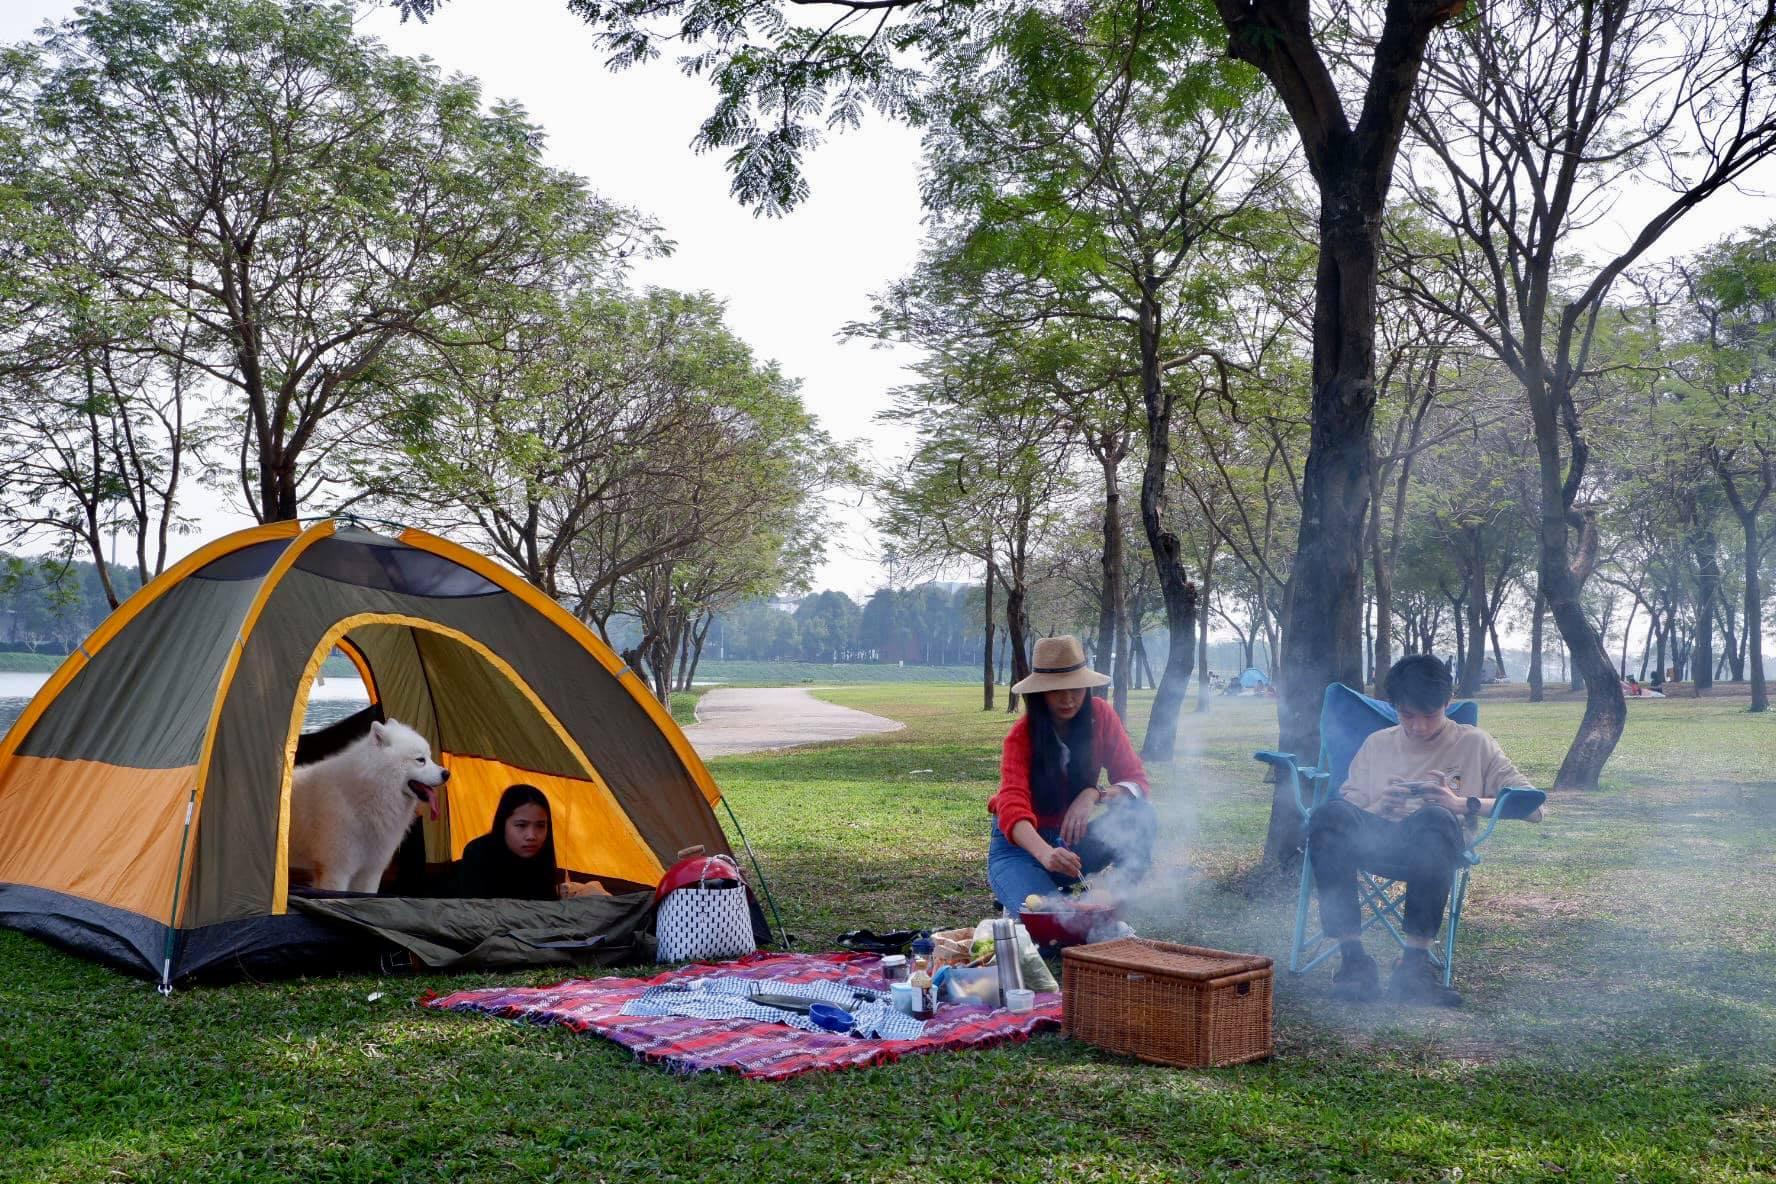 Với tình hình dịch bệnh căng thẳng tại nhiều địa phương, thay vì đi chúc Tết như mọi năm, một gia đình đã tổ chức buổi cắm trại nhỏ nhưng đầm ấm trong một công viên gần nhà.